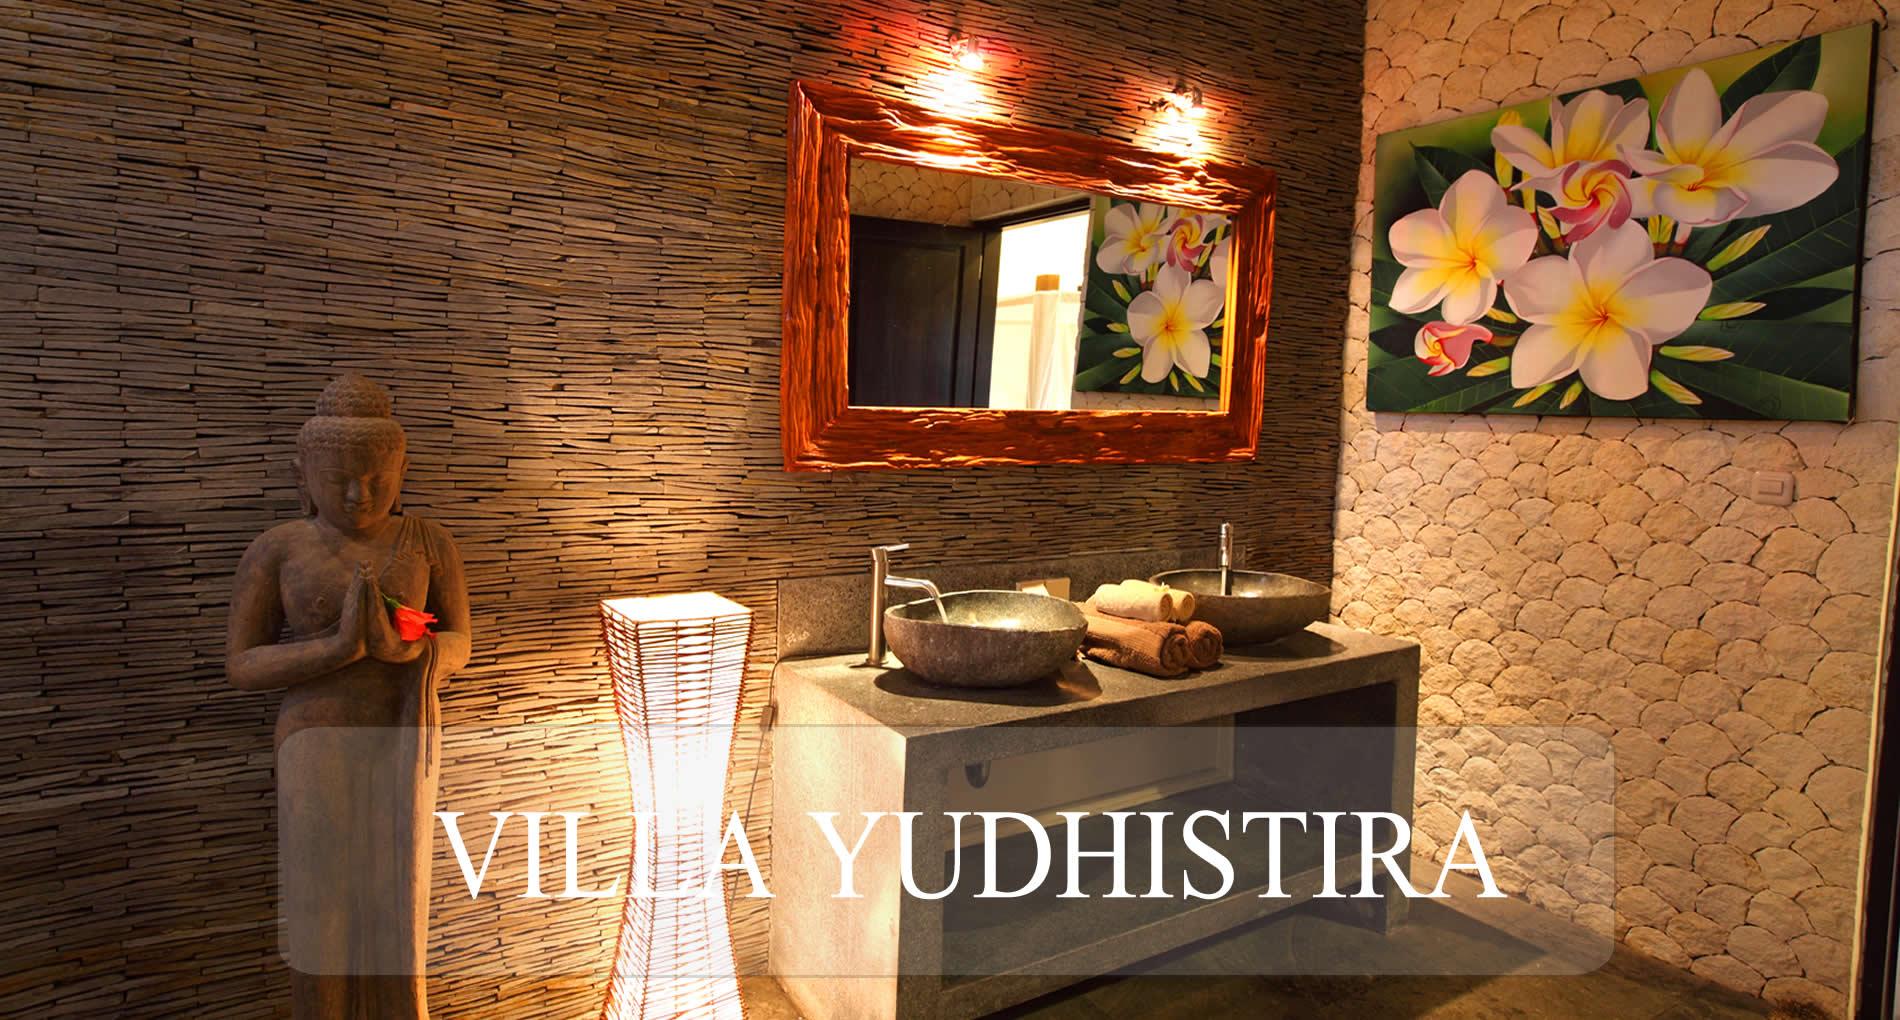 Badkamer Villa Yudhistira